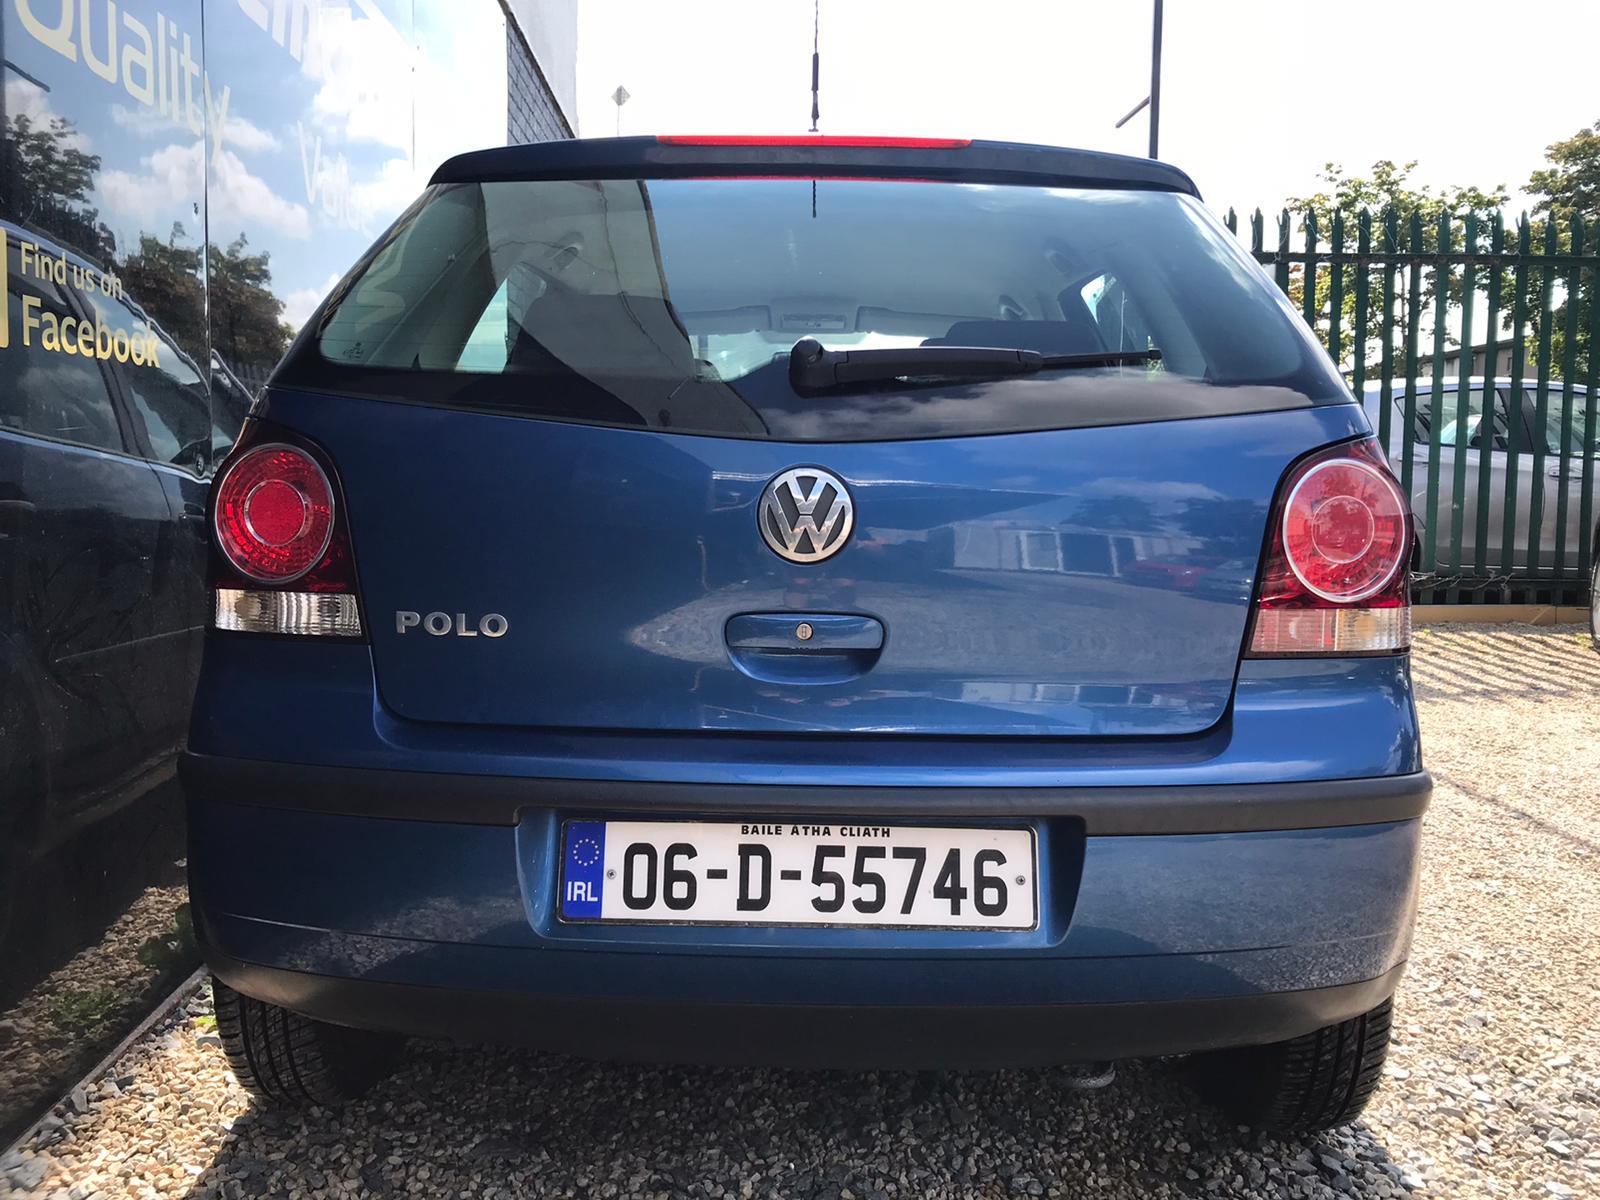 2006 Volkswagen Polo 1.2